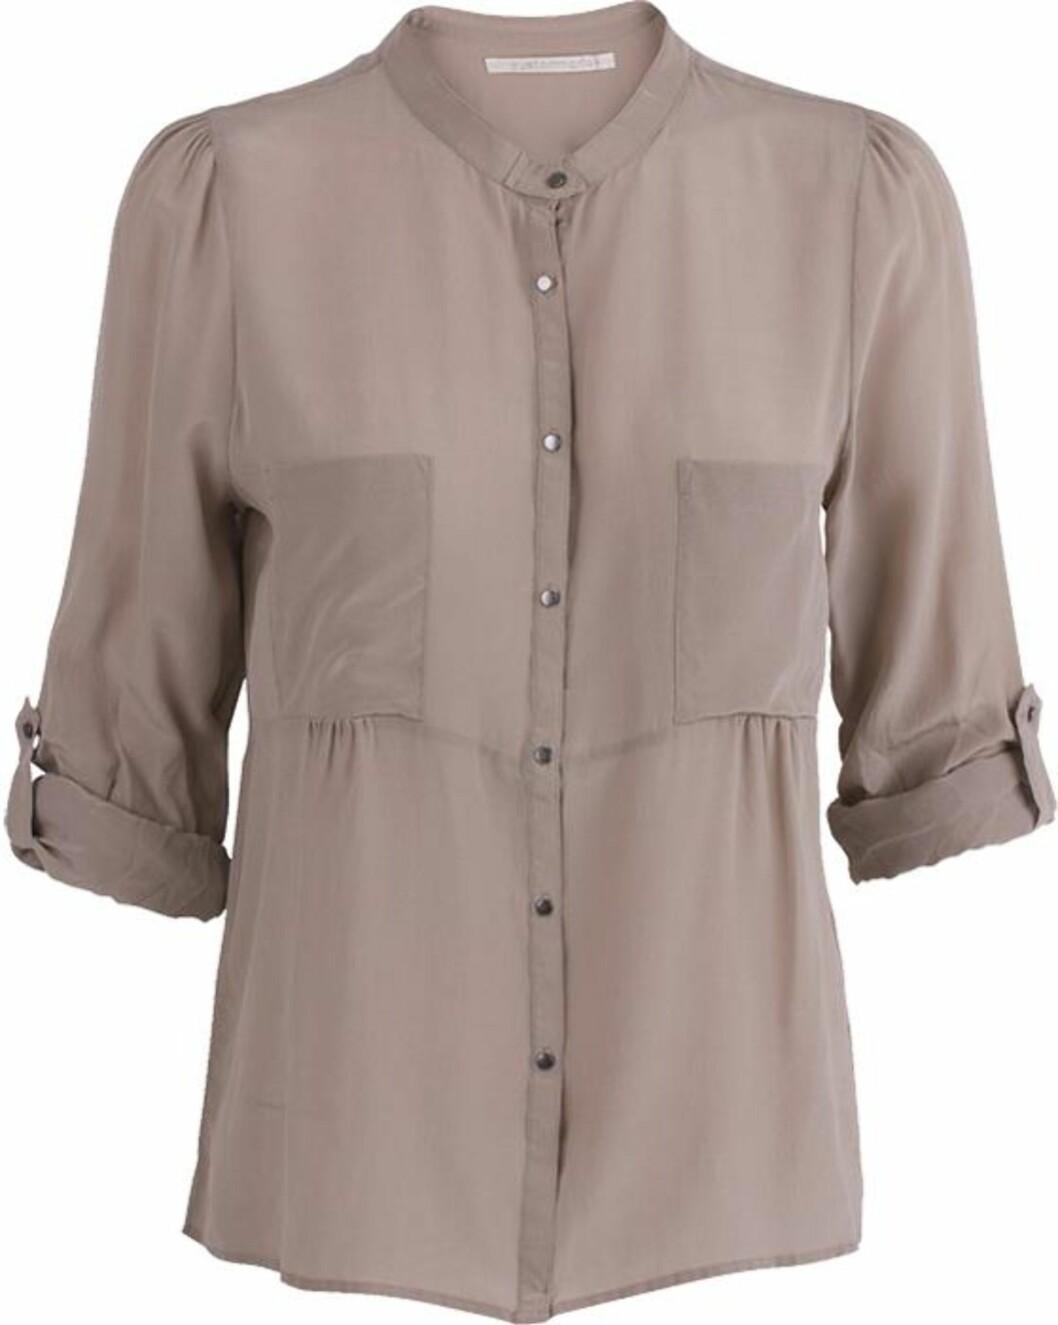 <strong>FEMININ OG MASKULIN:</strong> Pudderfarget bluse med kinakrage fra Custommade, i 100 prosent silke (ca kr.1030/Musthaves.dk). Bruk den oppi et skjørt for feminint uttrykk eller til ankellange herrebukser hvis du foretrekker det androgyne. Foto: Produsenten